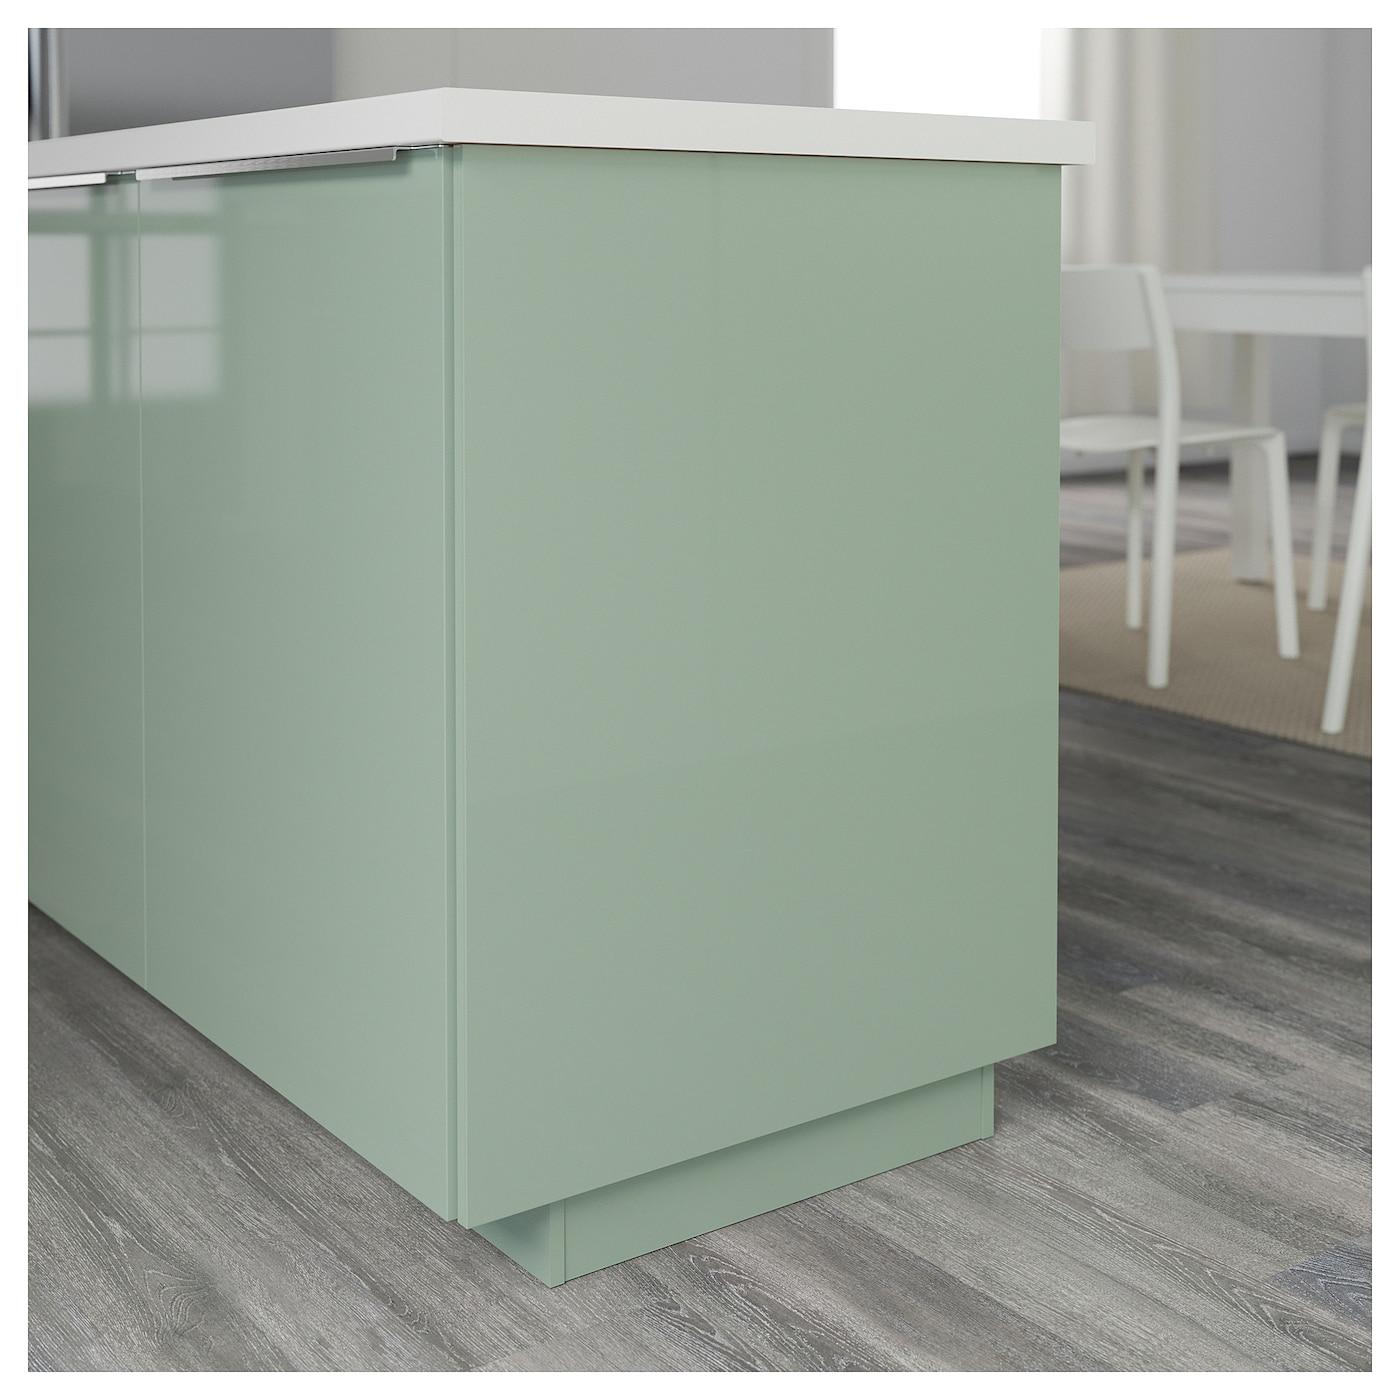 Kallarp Cover Panel High Gloss Light Green 39x86 Cm Ikea